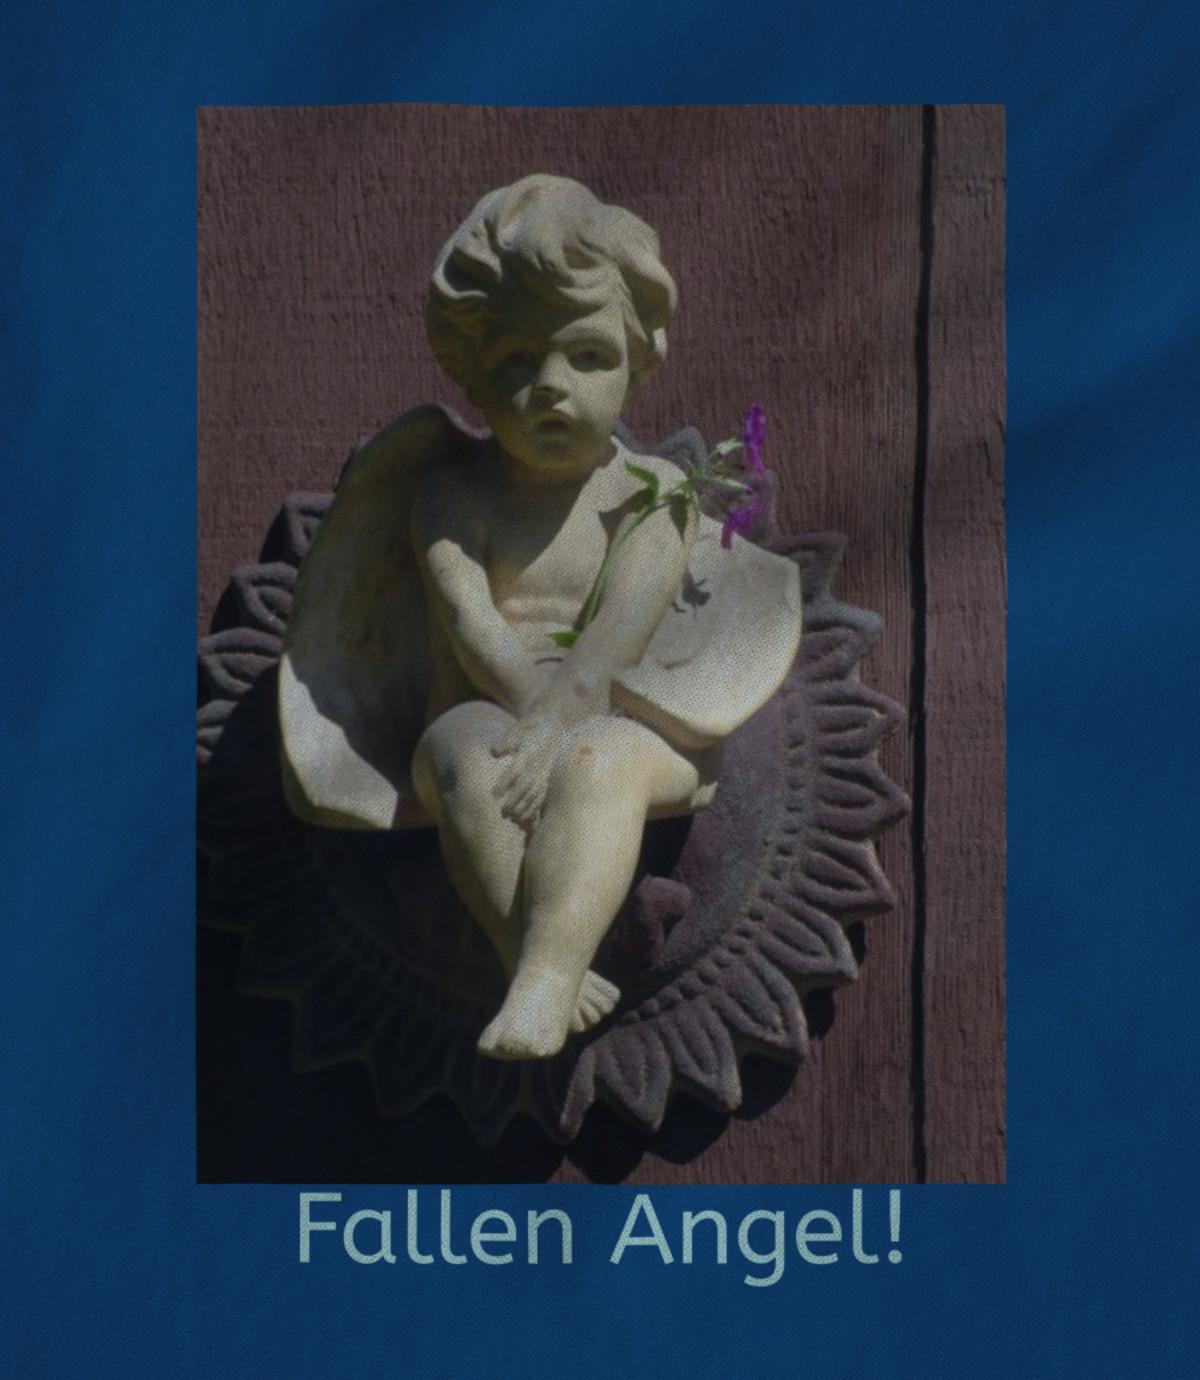 Matthew f  blowers iii  c  2017 fallen angel  1506451146